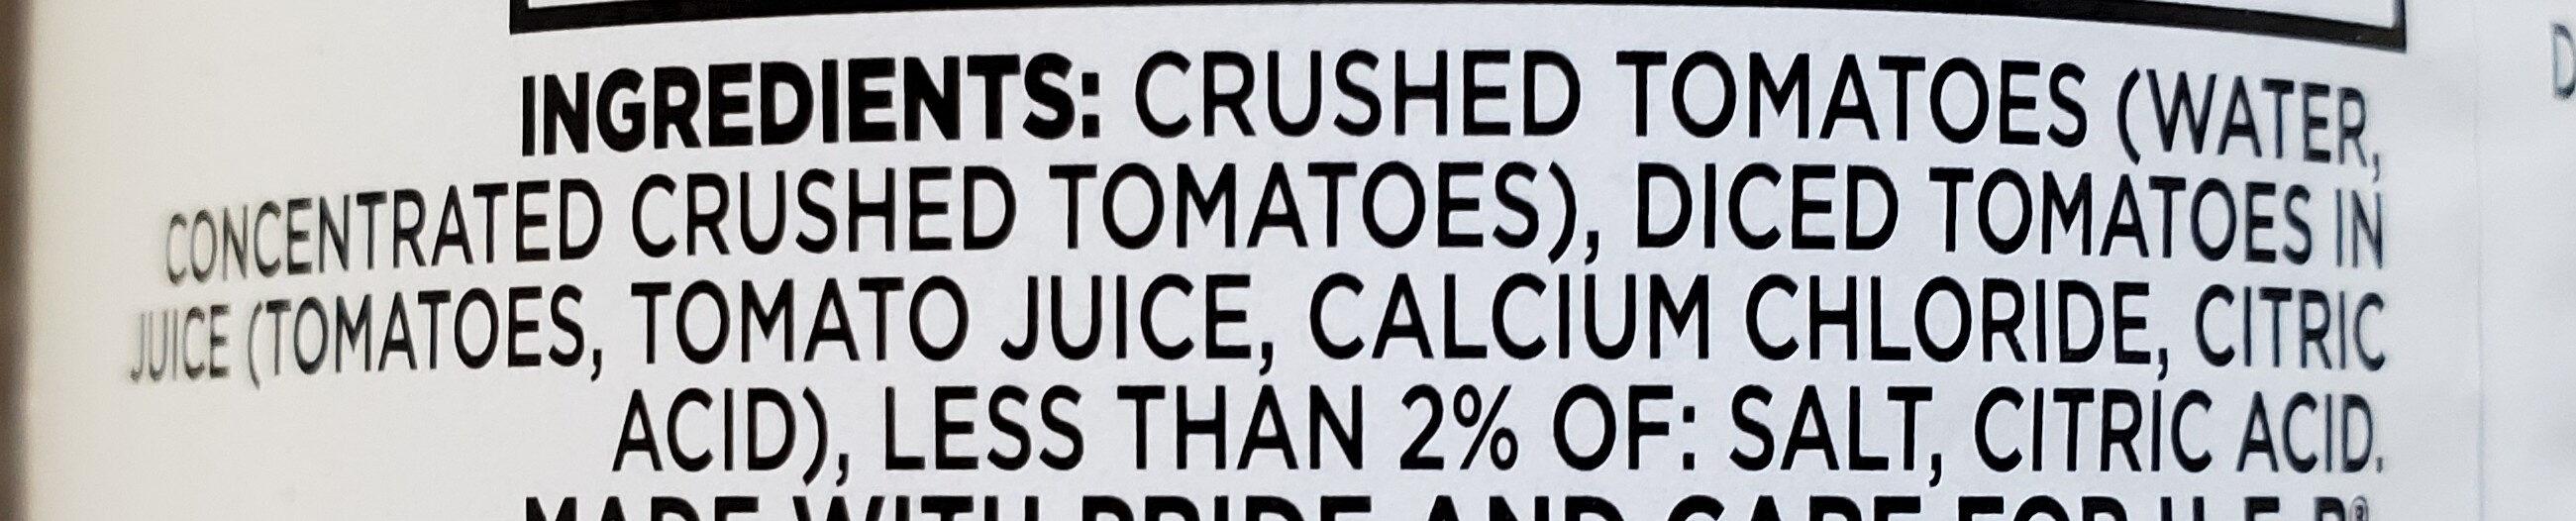 HEB Crushed Tomatoes - Ingredients - en